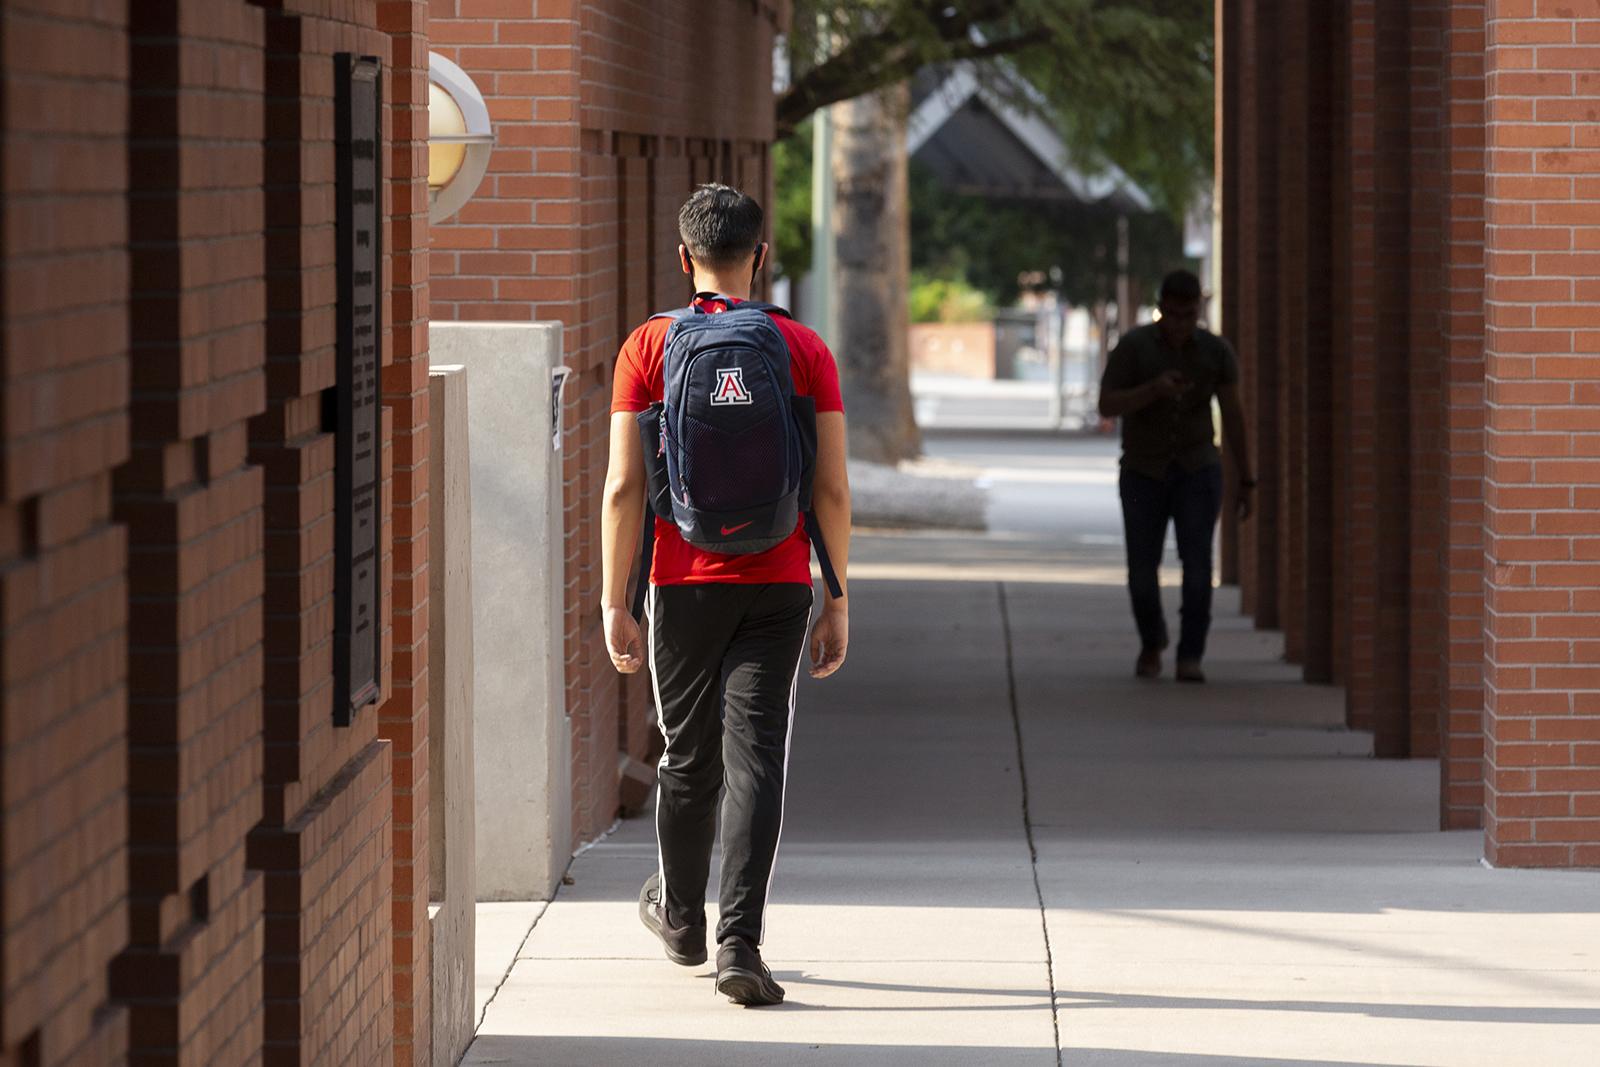 美国大学疫情太惨:25000学生老师染病!特朗普却要强行重开